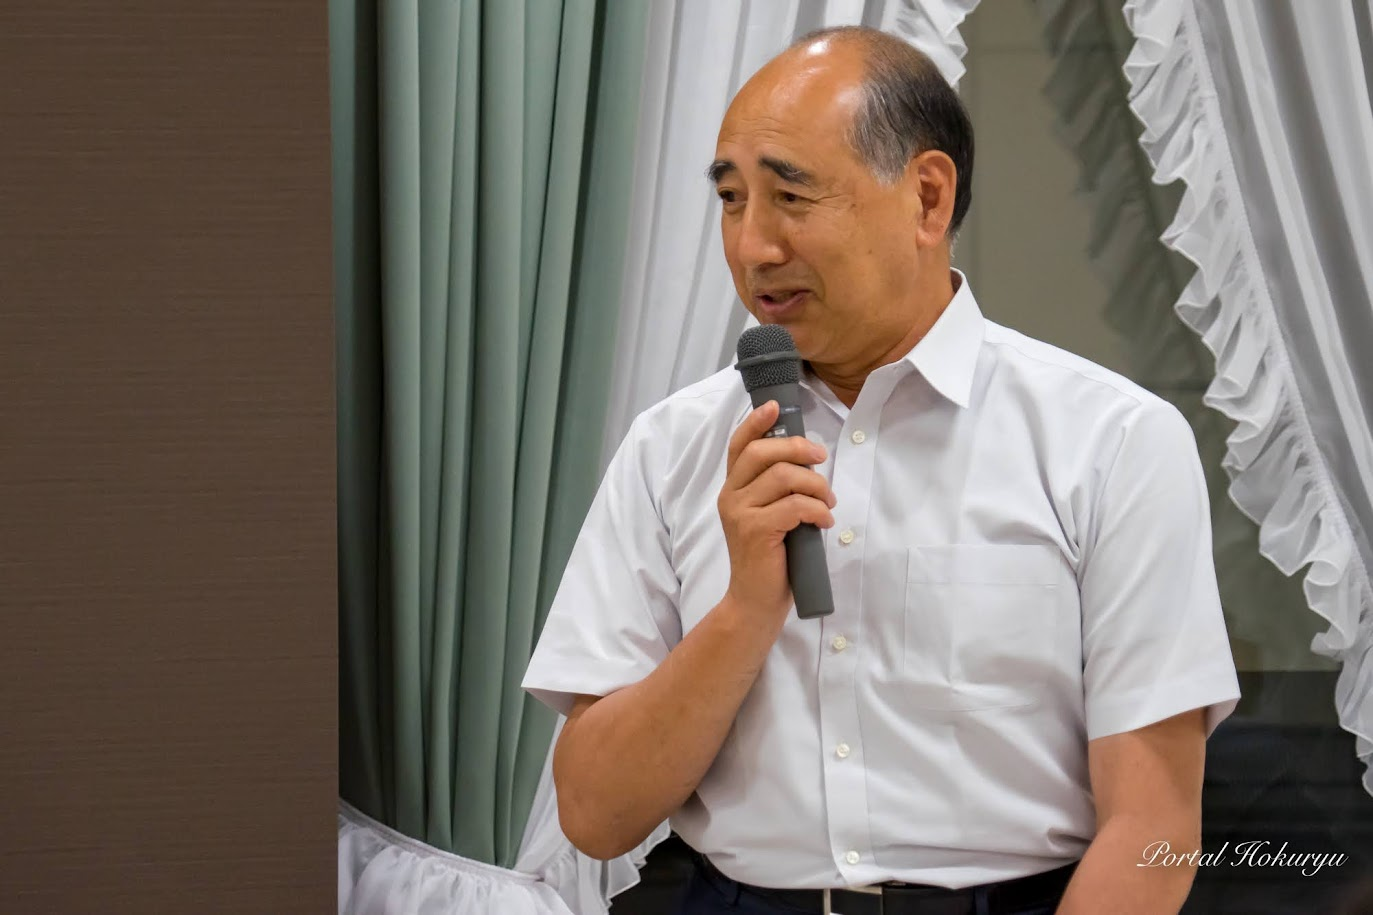 秘湯を守る会・乳頭温泉「鶴の湯」・佐藤和志 会長